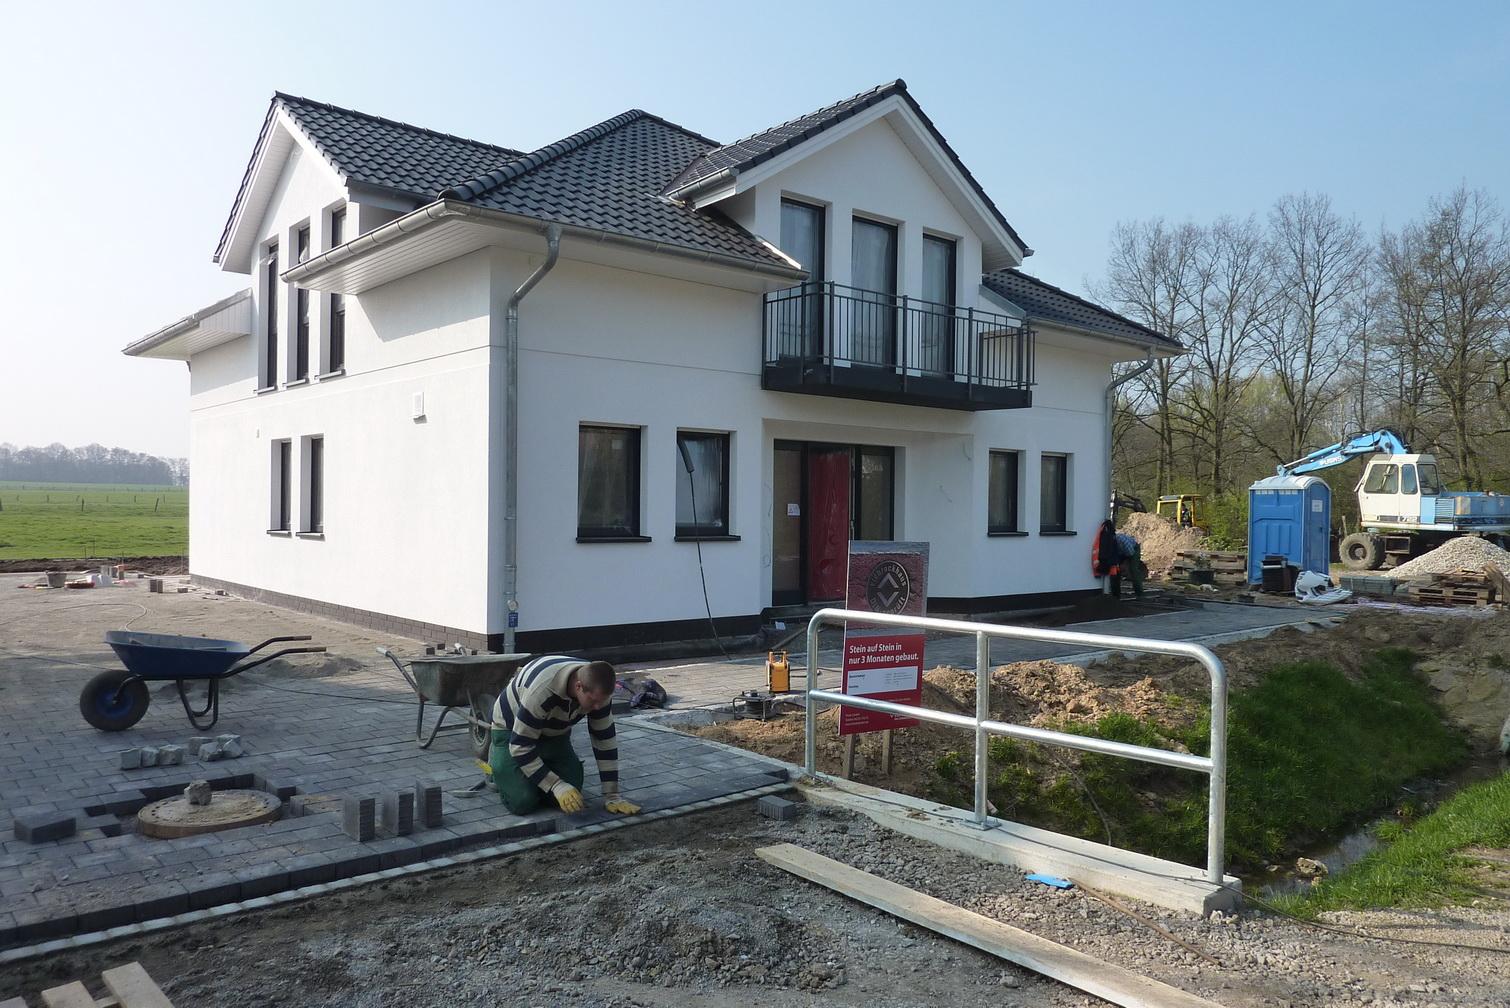 bautagebuch zu unserem traumhaus quotjette joop europe With markise balkon mit tapete jette joop